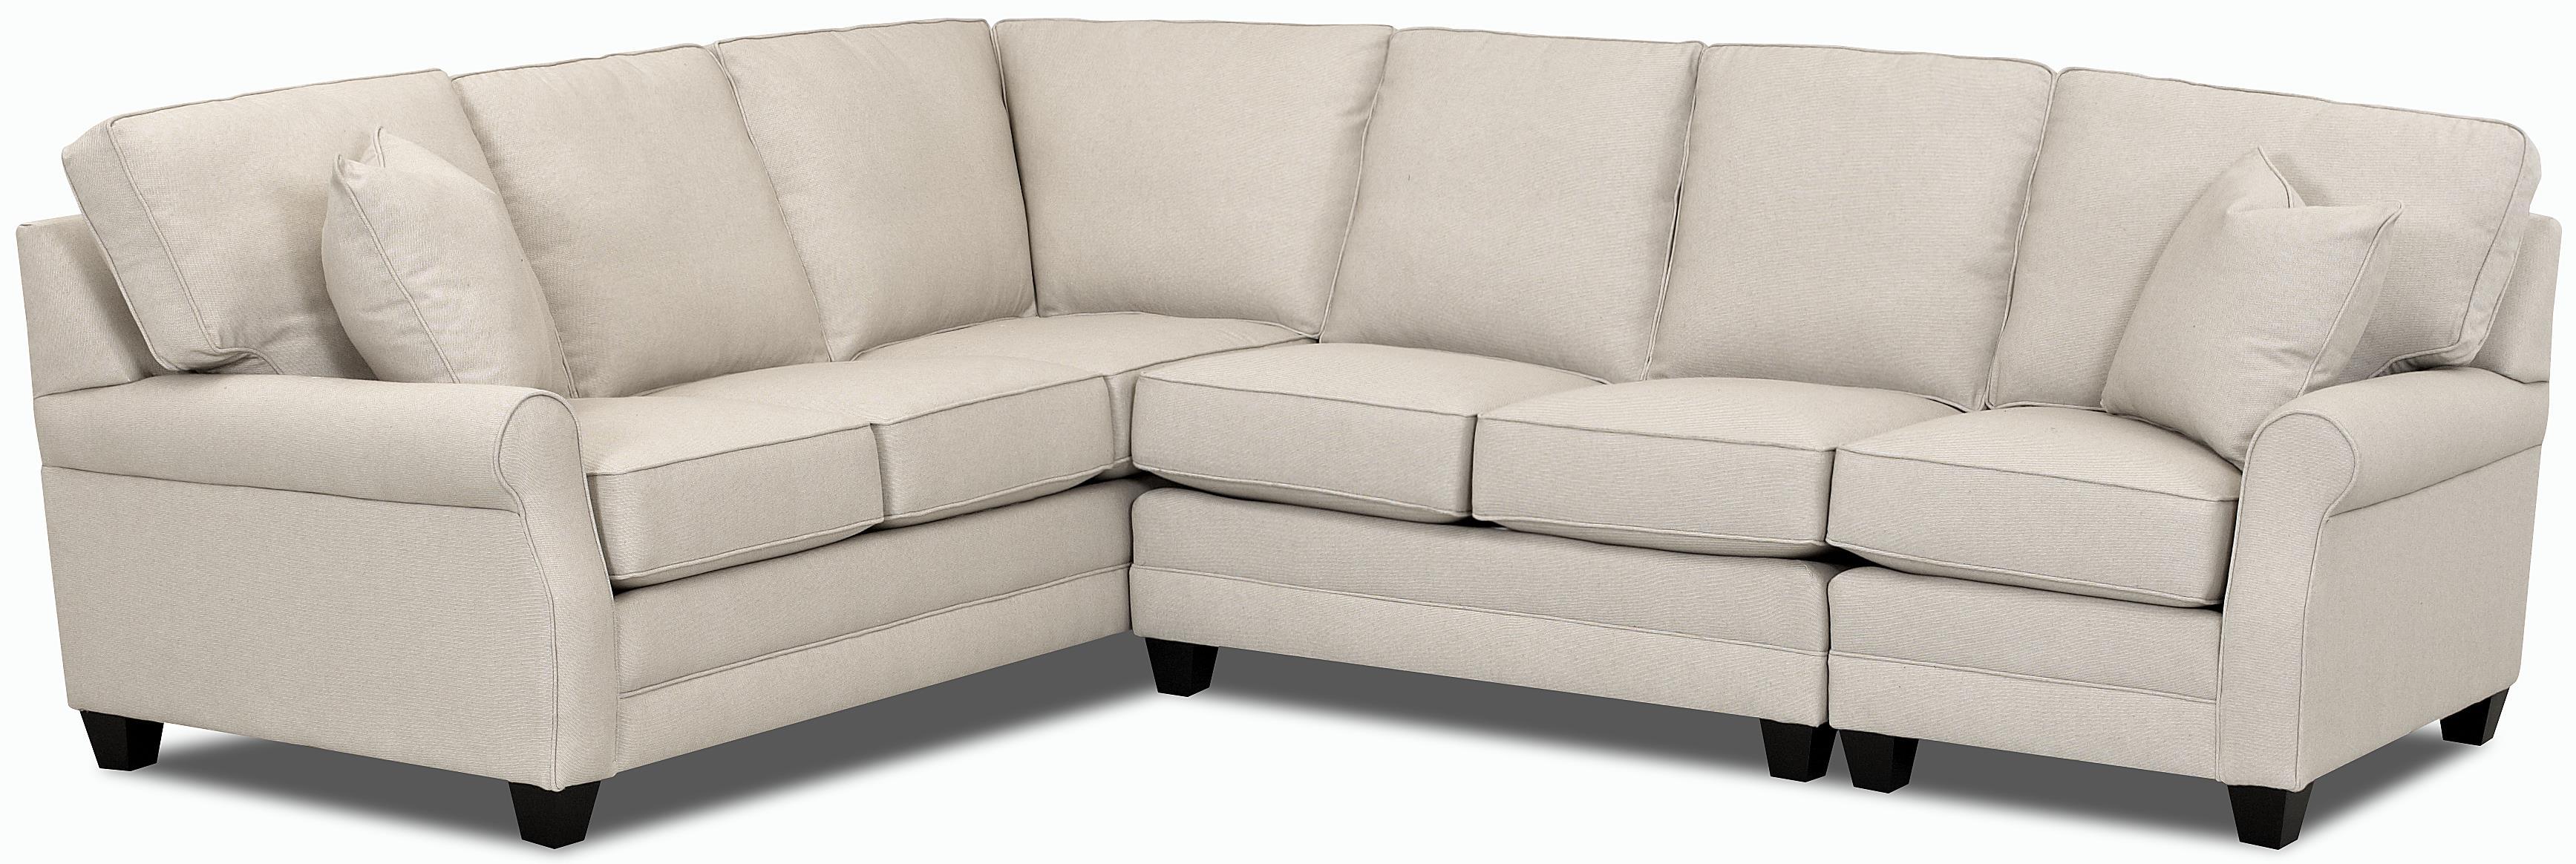 comfort design loft sectional sofa group jacksonville. Black Bedroom Furniture Sets. Home Design Ideas